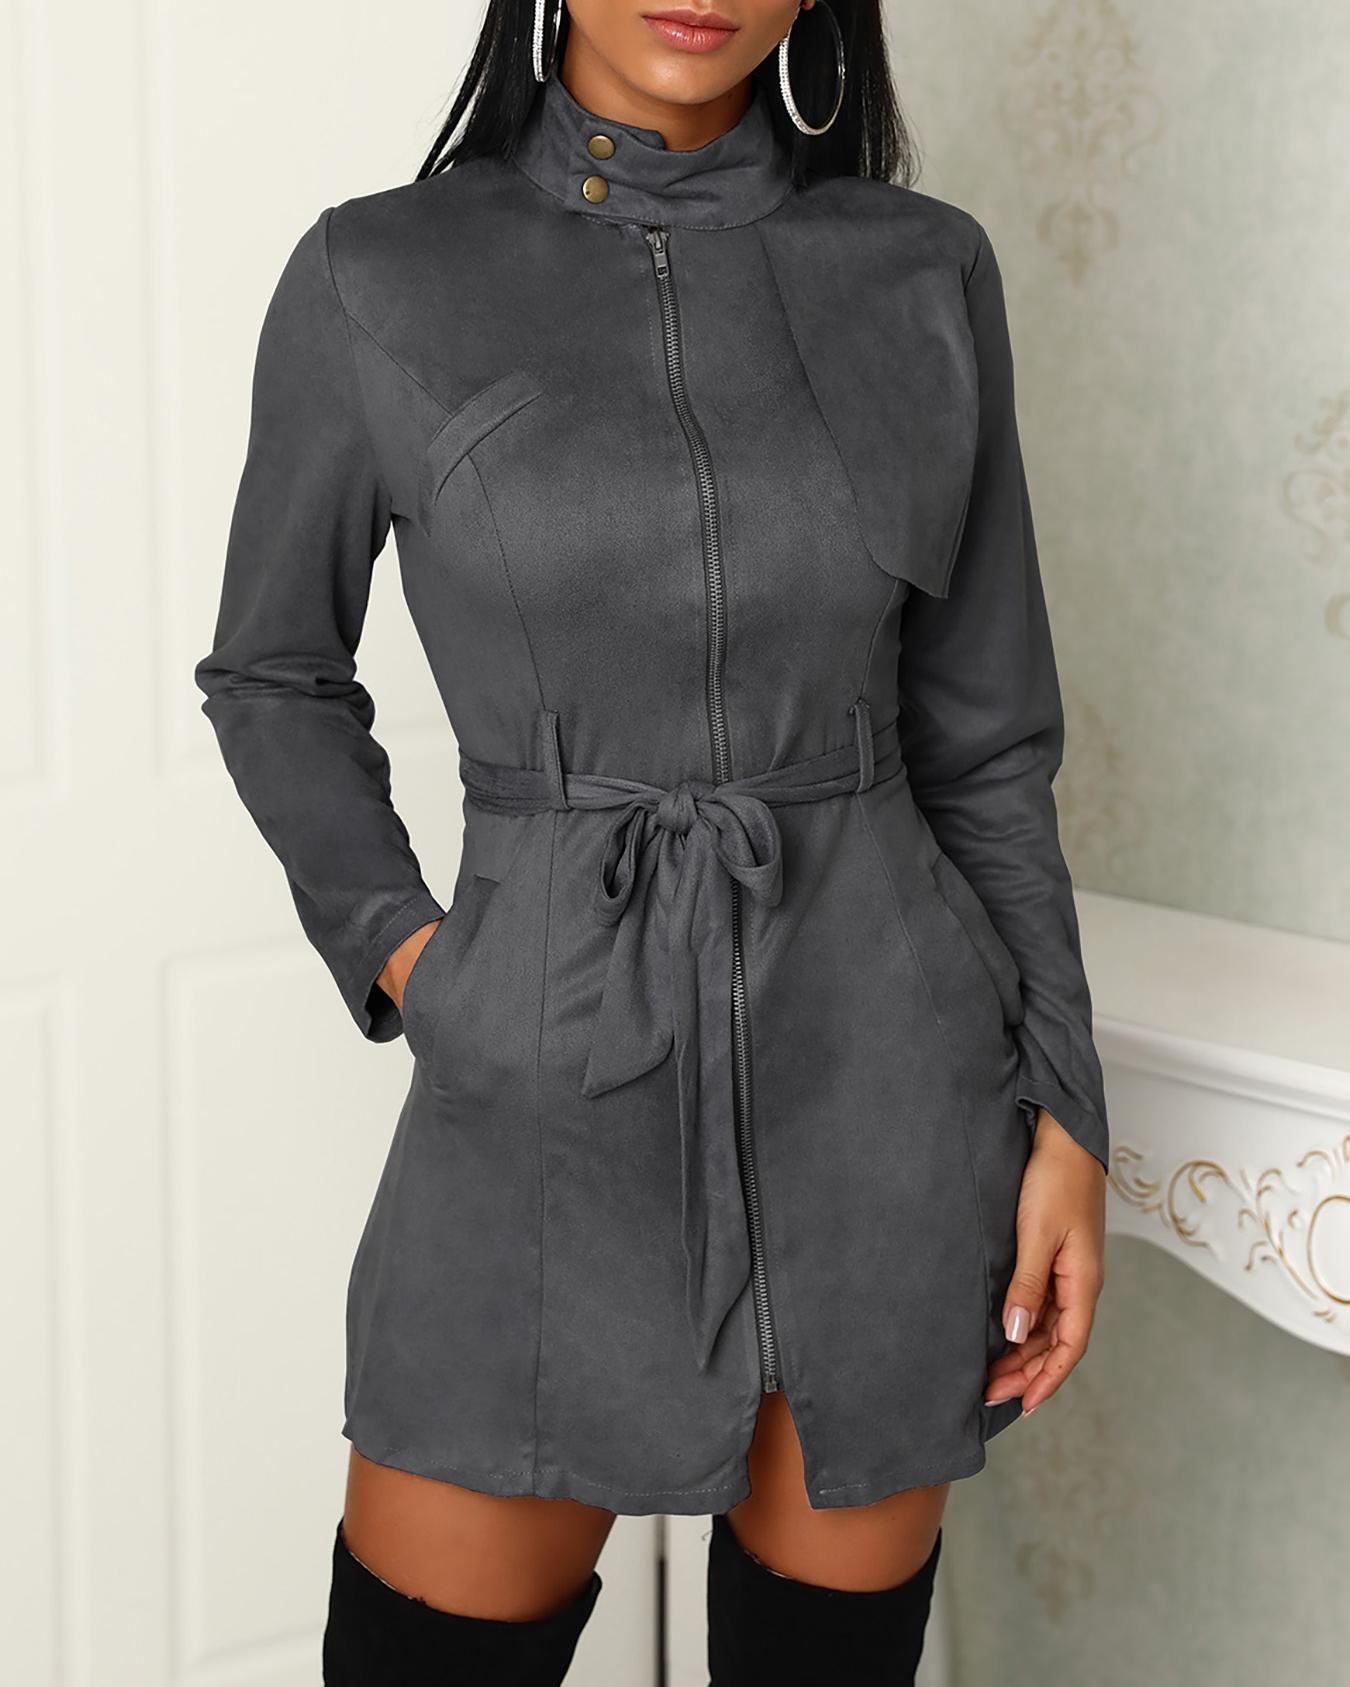 Zipper Front Pocket Design Belted Dress